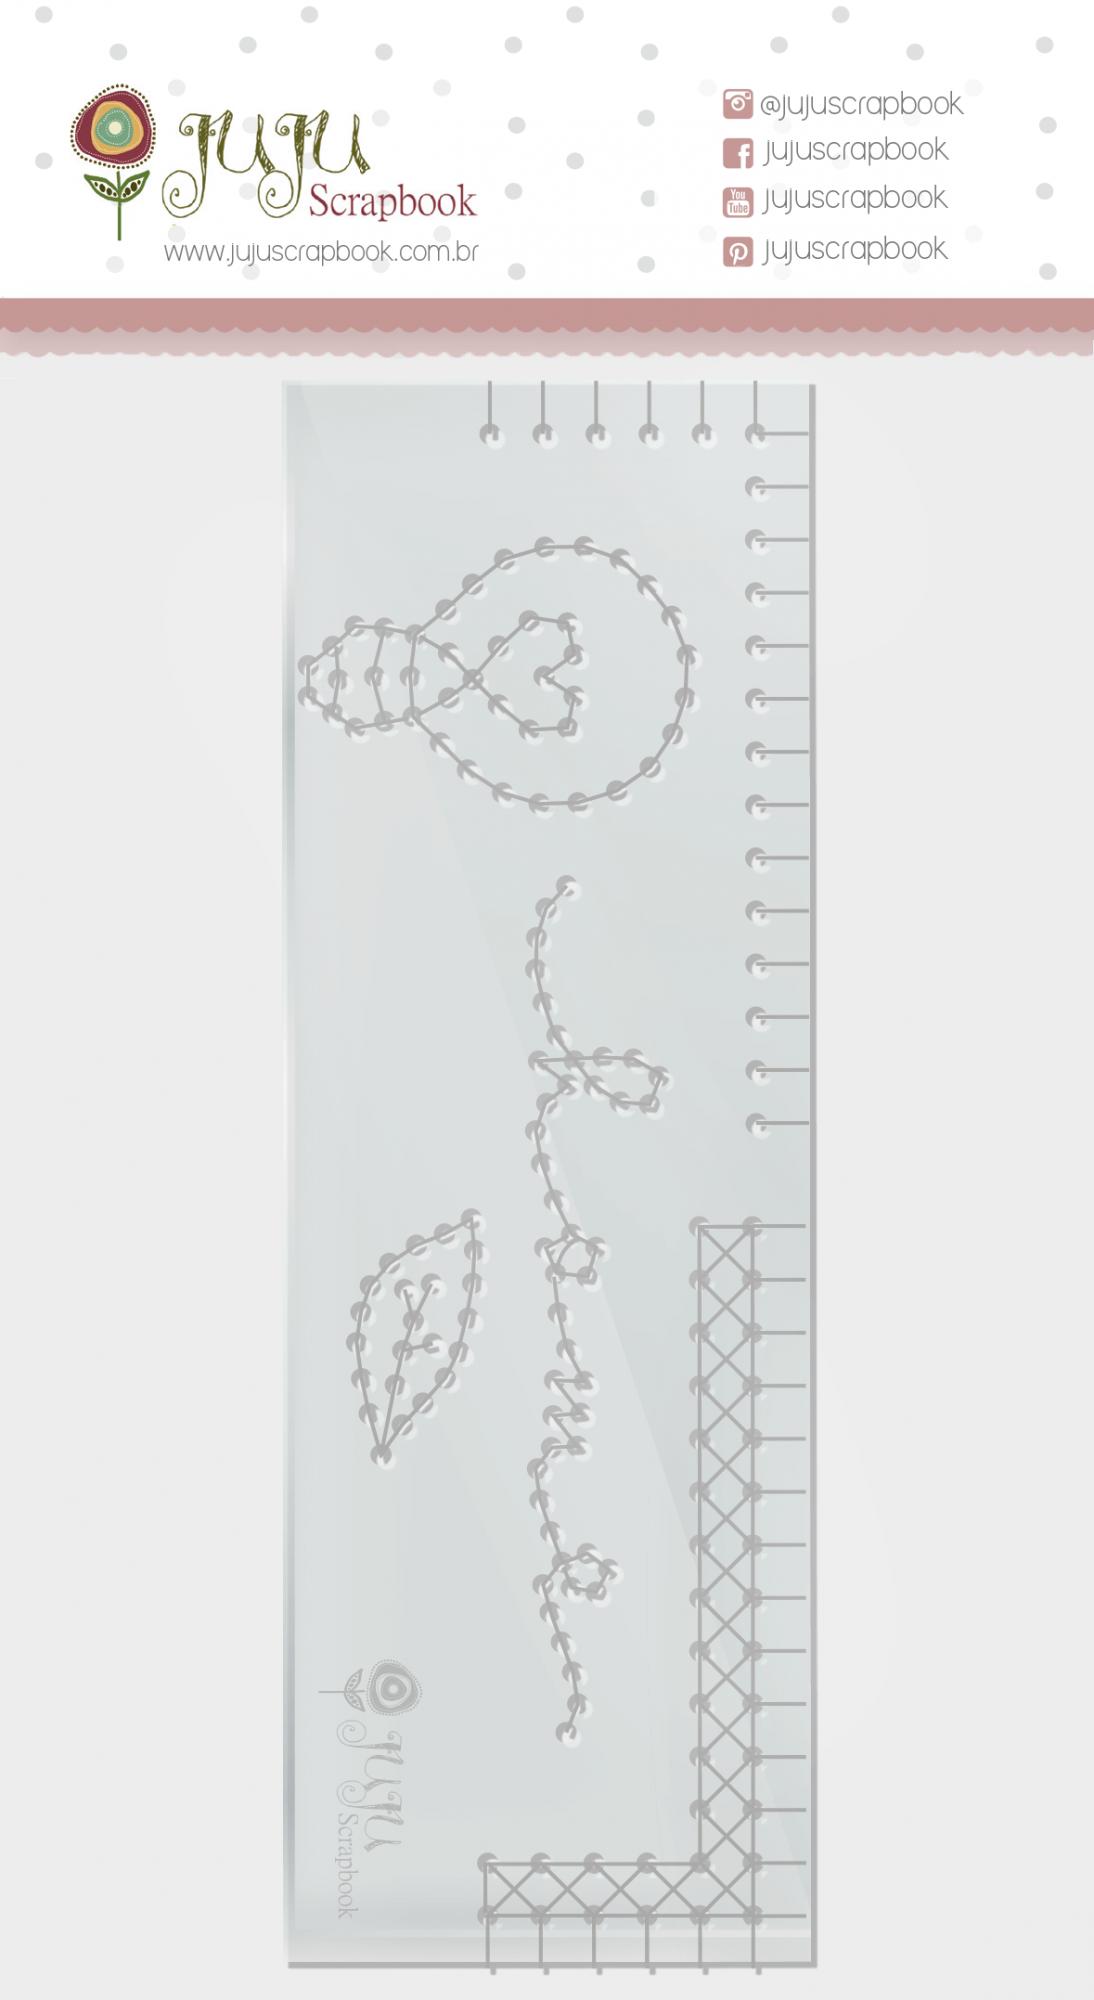 Régua de Costura Home - Coleção Quarentena Criativa - JuJu Scrapbook  - JuJu Scrapbook